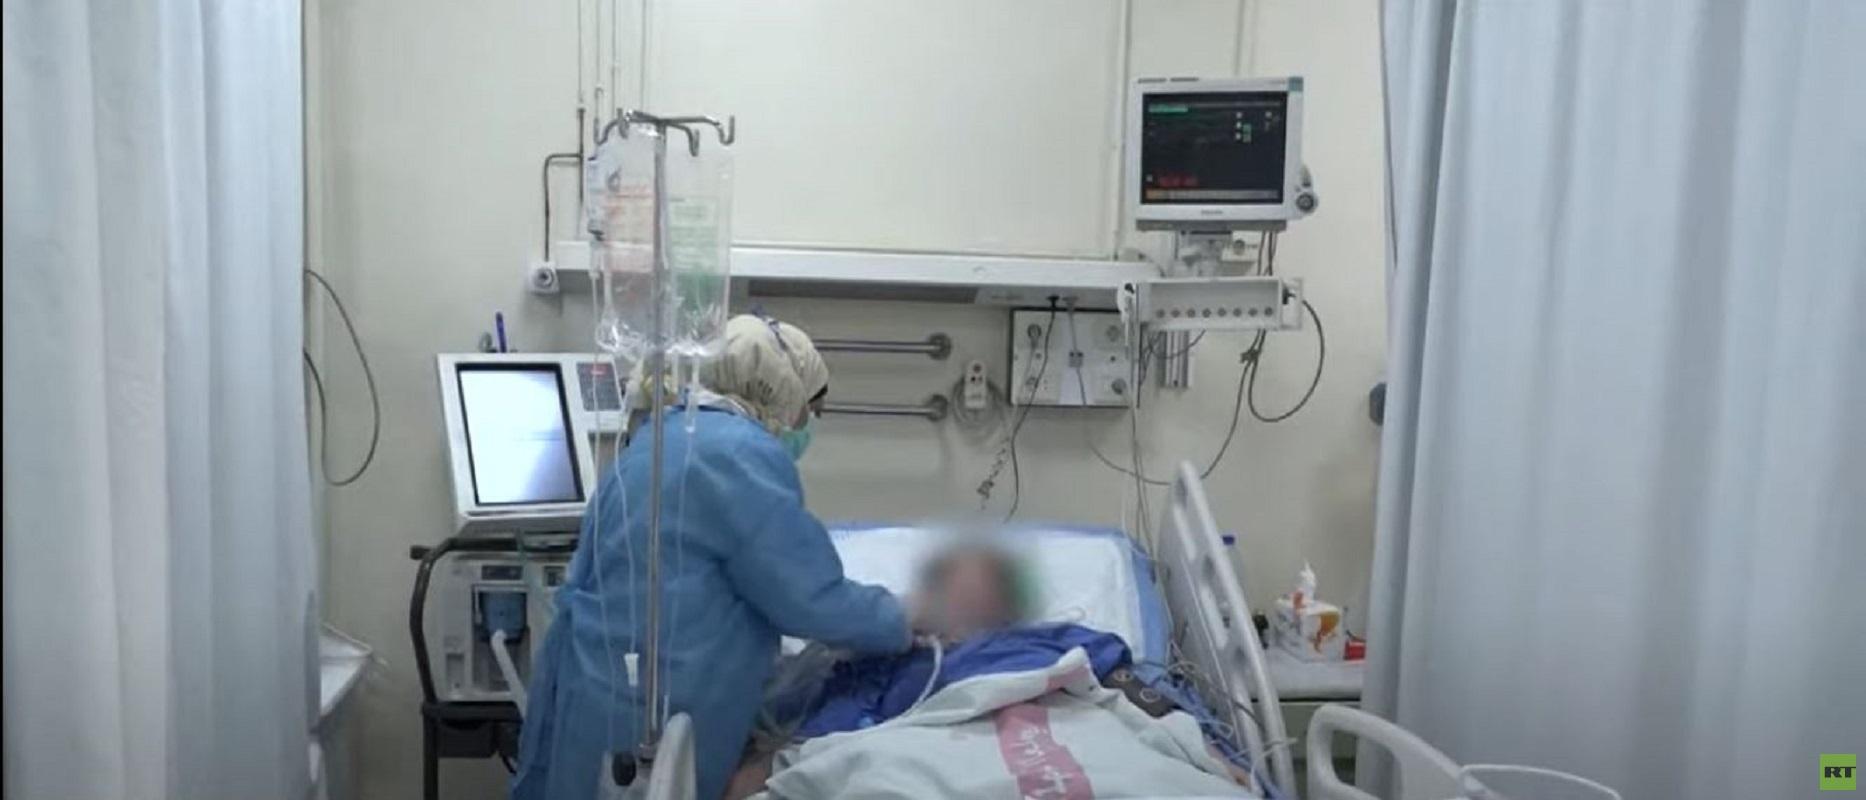 سوريا.. منحى الإصابات بكورونا يعود إلى الارتفاع ويسجل أعلى حصيلة يومية